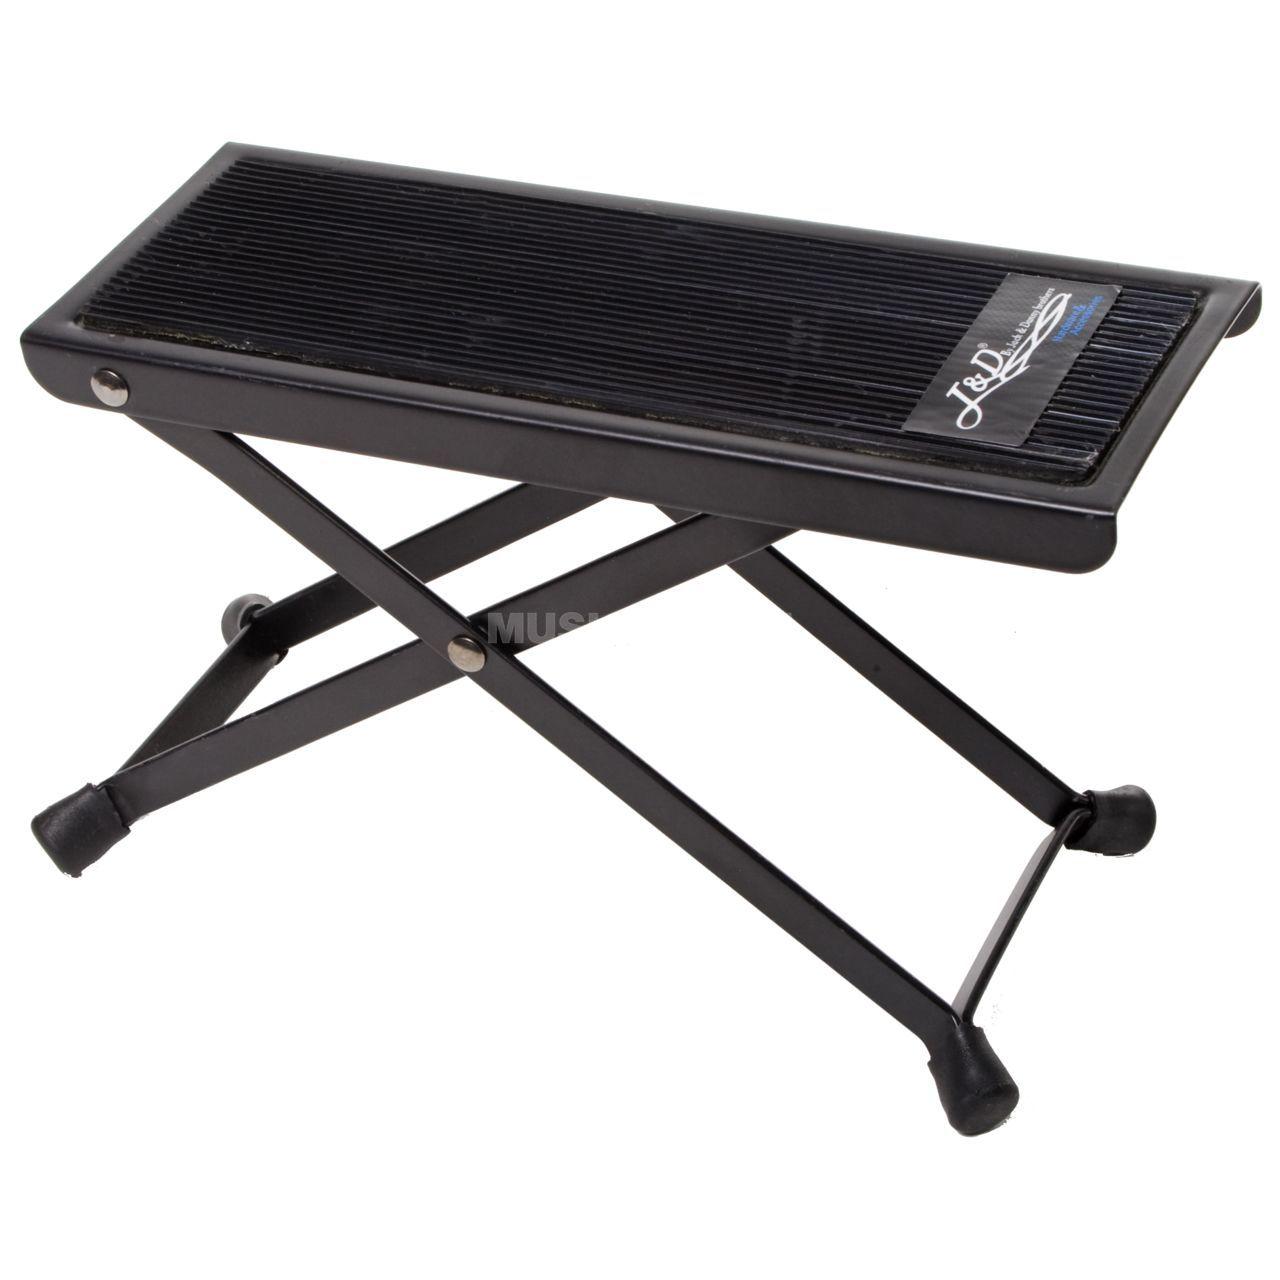 jack danny fst 1 fu bank schwarz music store professional. Black Bedroom Furniture Sets. Home Design Ideas